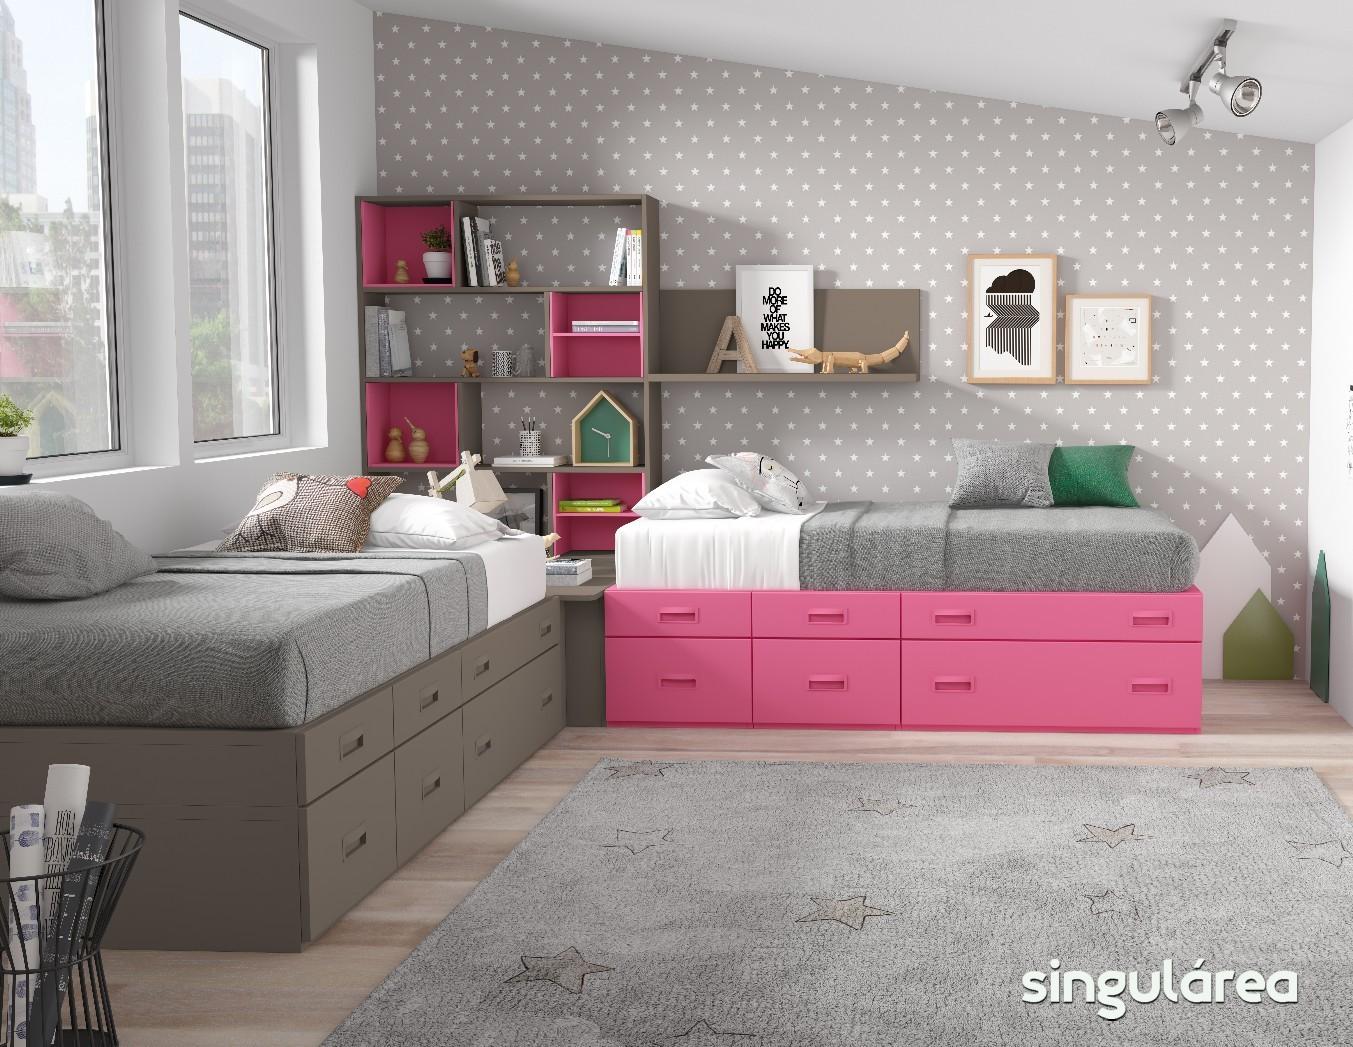 Blog dormitorios juveniles com novedades camas infantiles for Camas infantiles juveniles